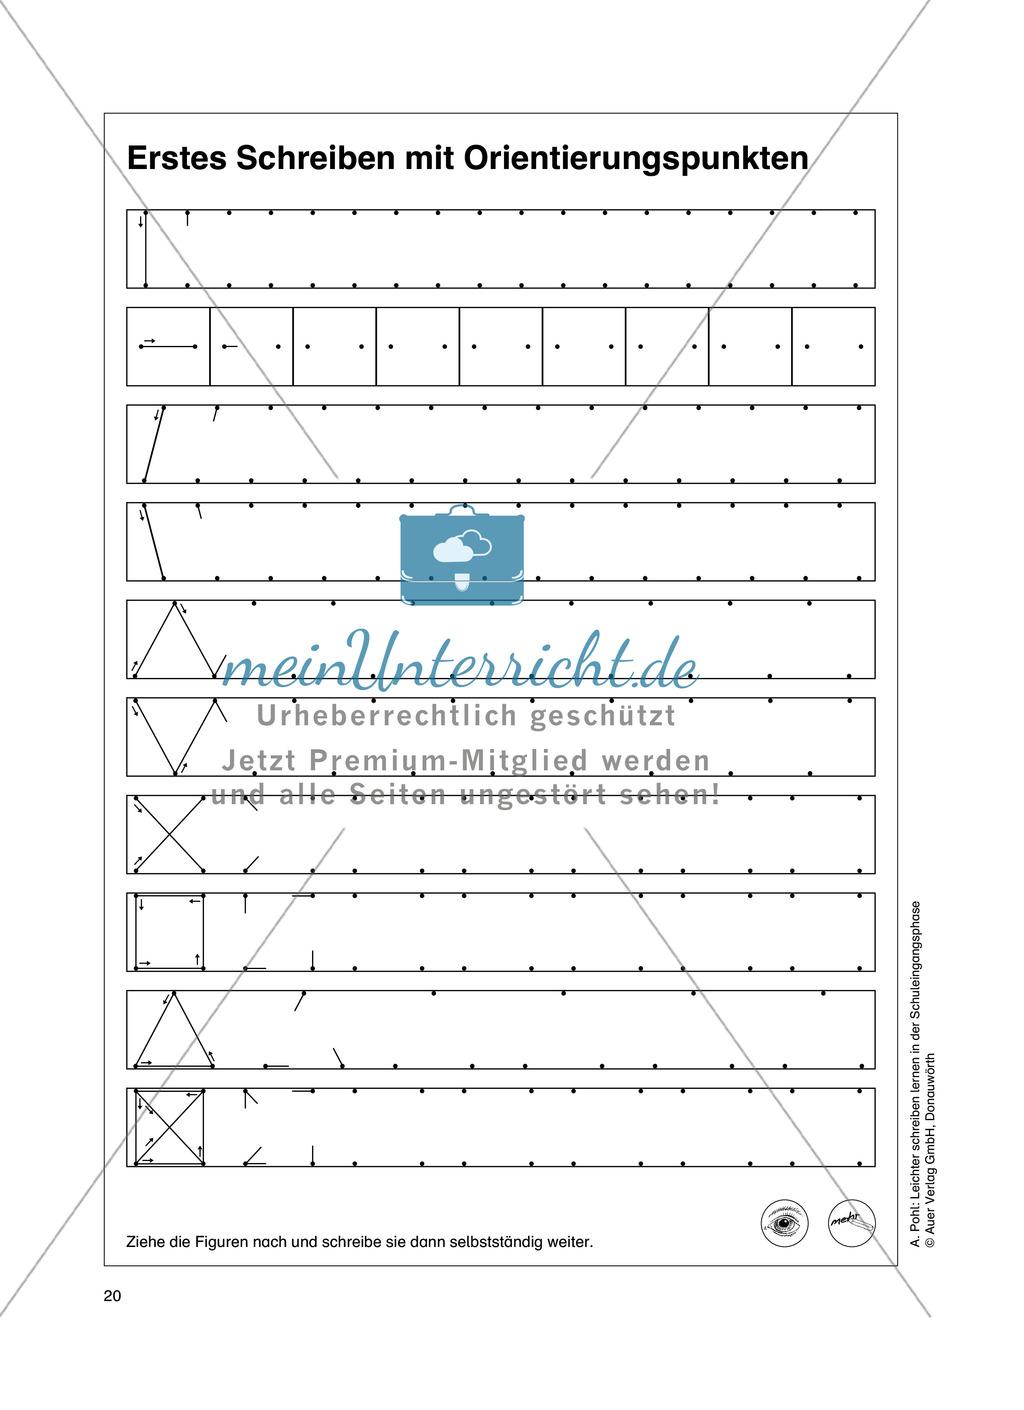 """Feinmotorik und Wahrnehmung: """"Waagrechte - Senkrechte -Schräge Linien malen und schreiben"""" - Arbeitsblätter +Übungen Preview 11"""